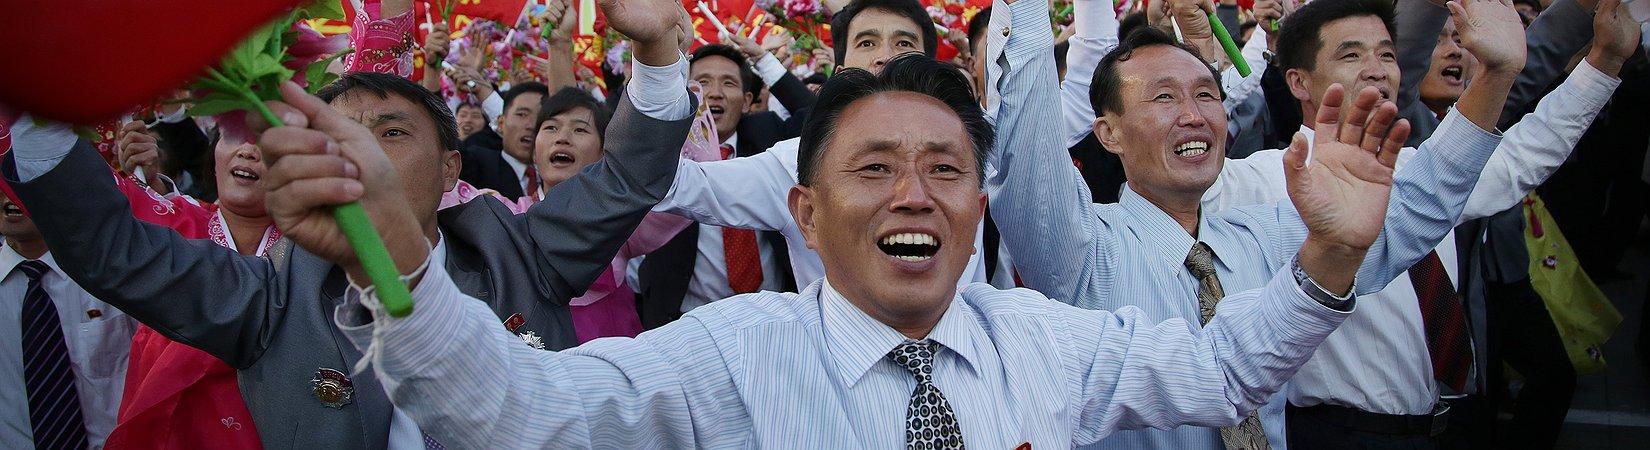 Wie Nordkorea die Partei gegen das Geld tauschte